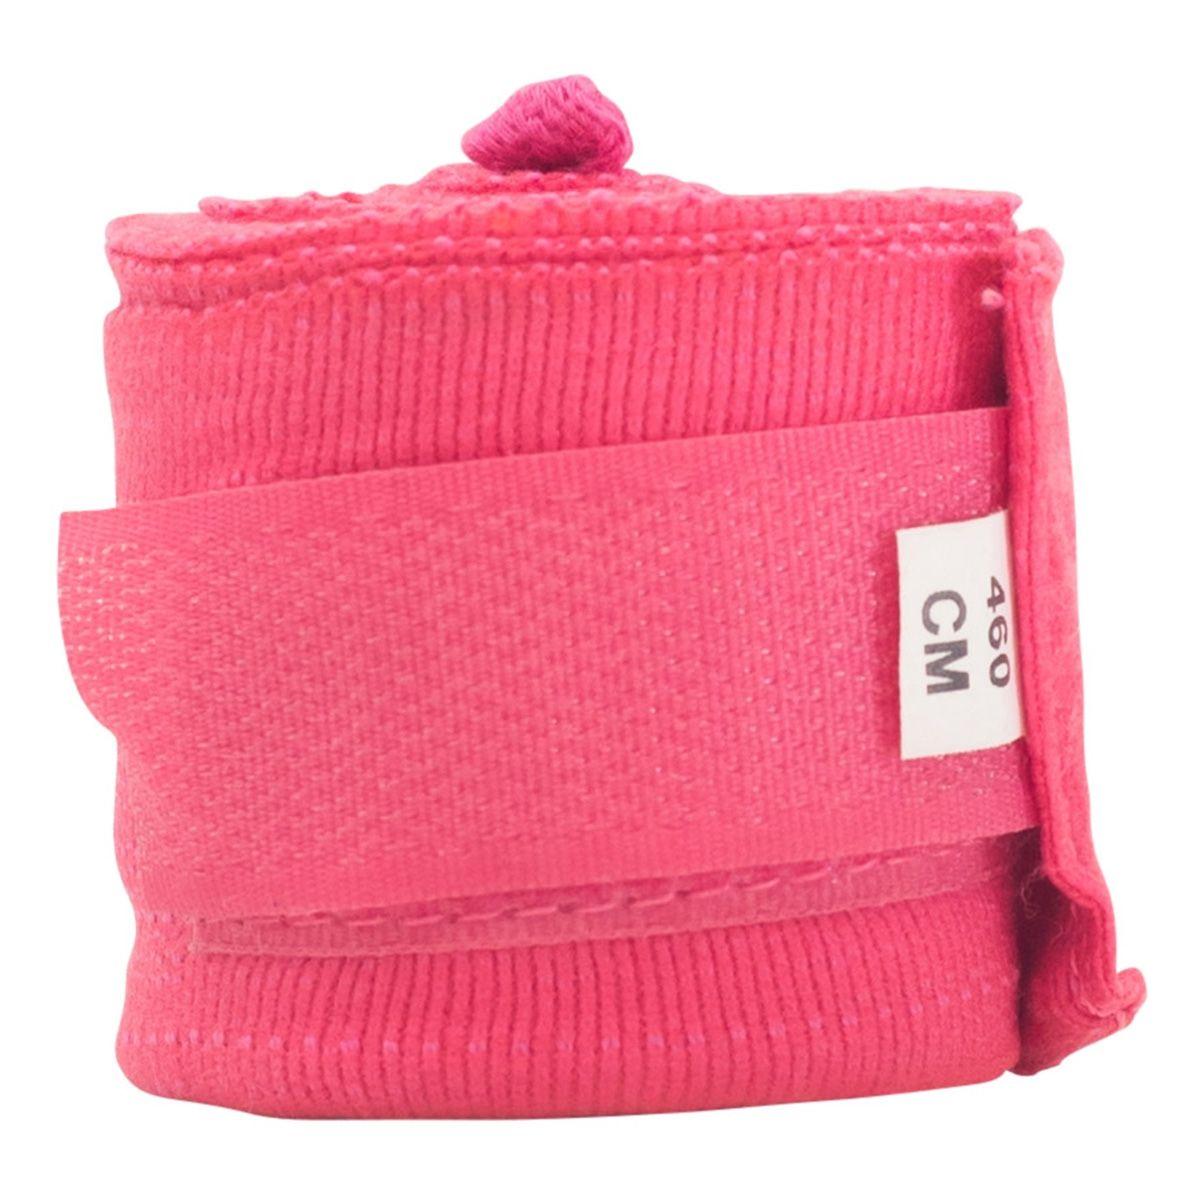 Booster boksbandages roze (BPC Roze)